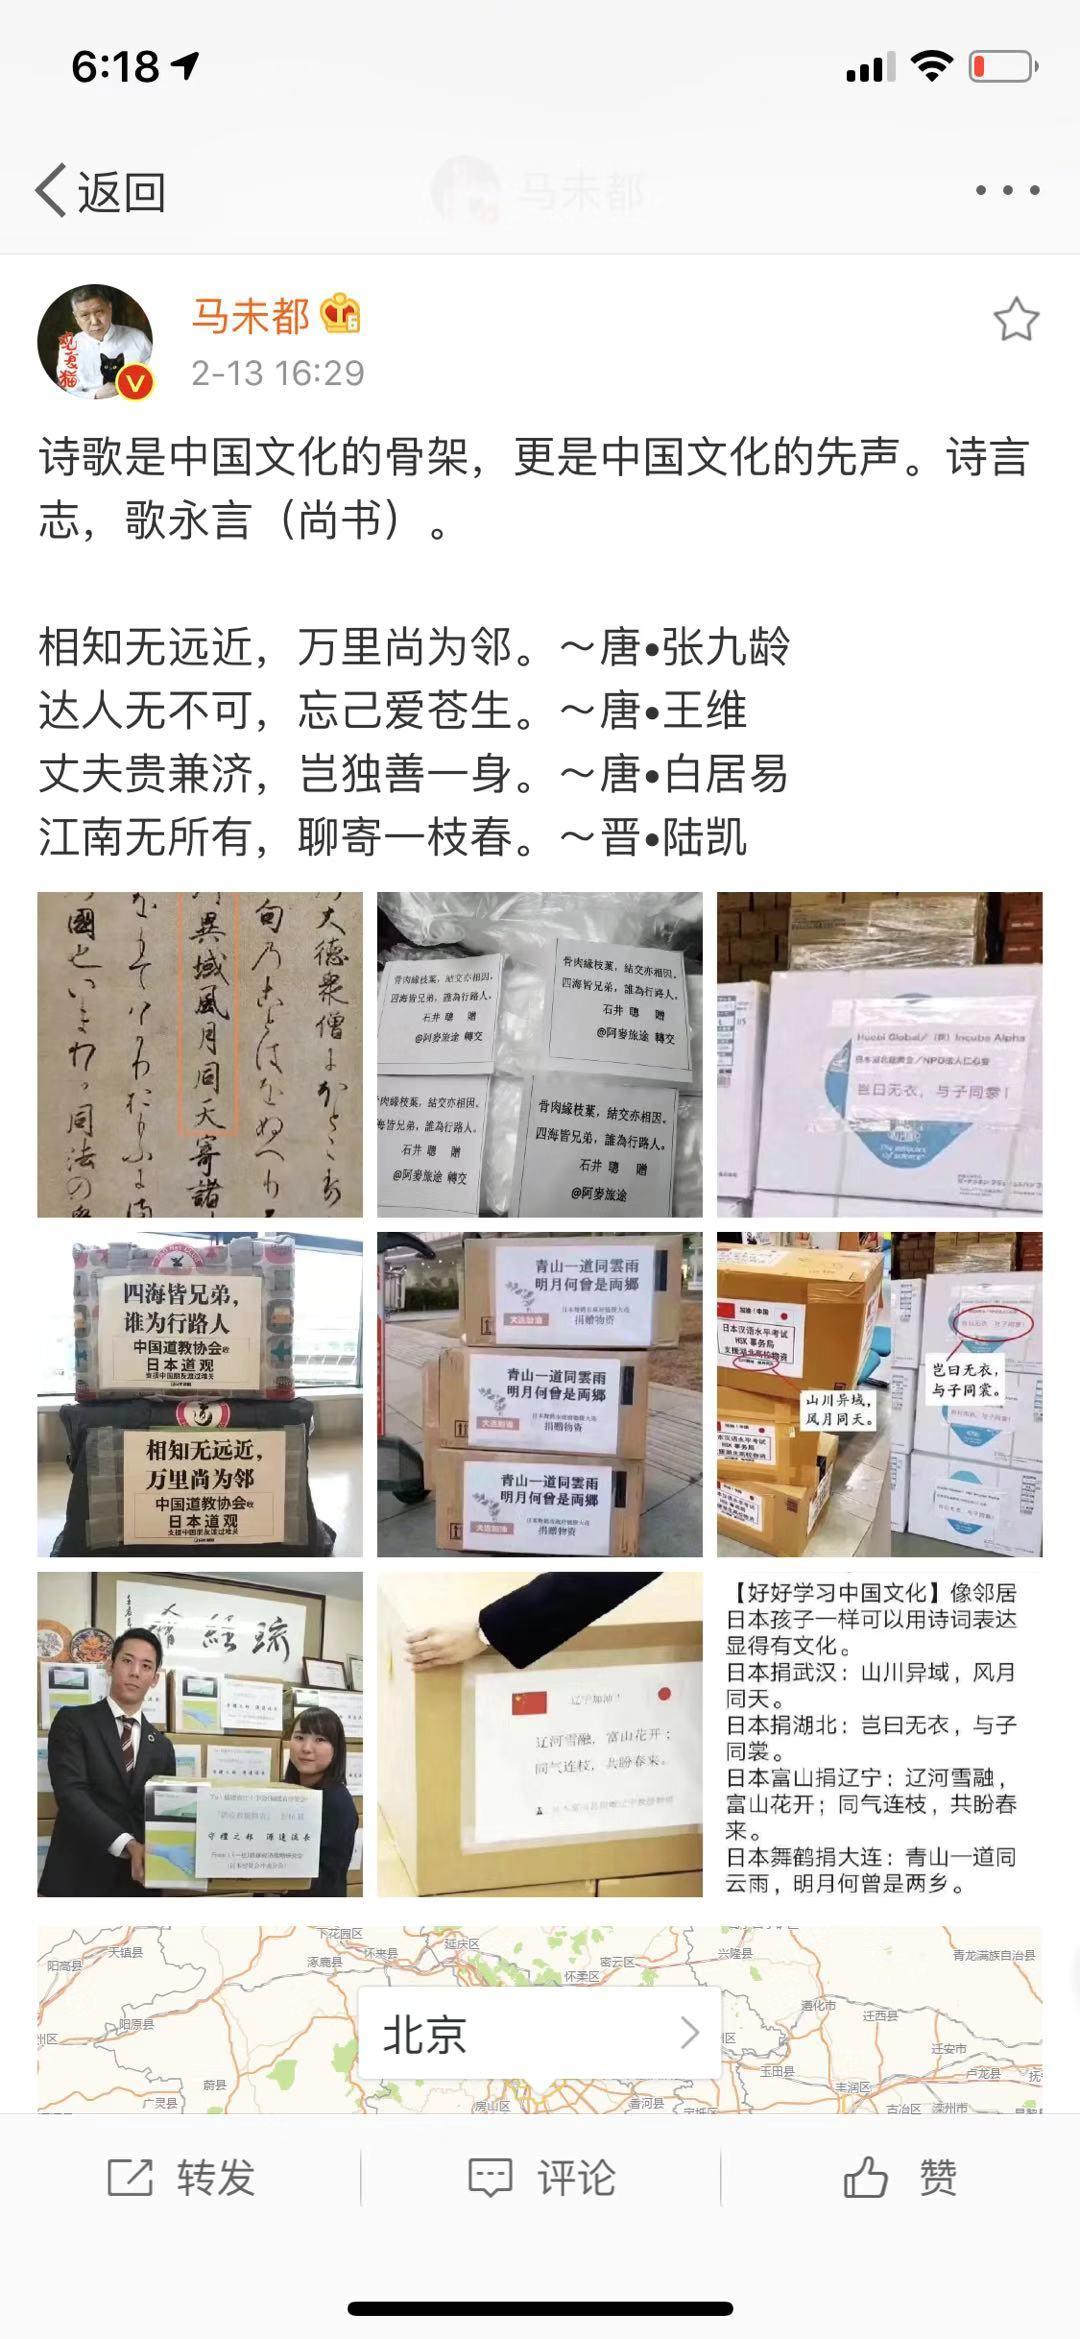 馬未都氏の日本道観マスク支援の漢詩の箱掲載の記事